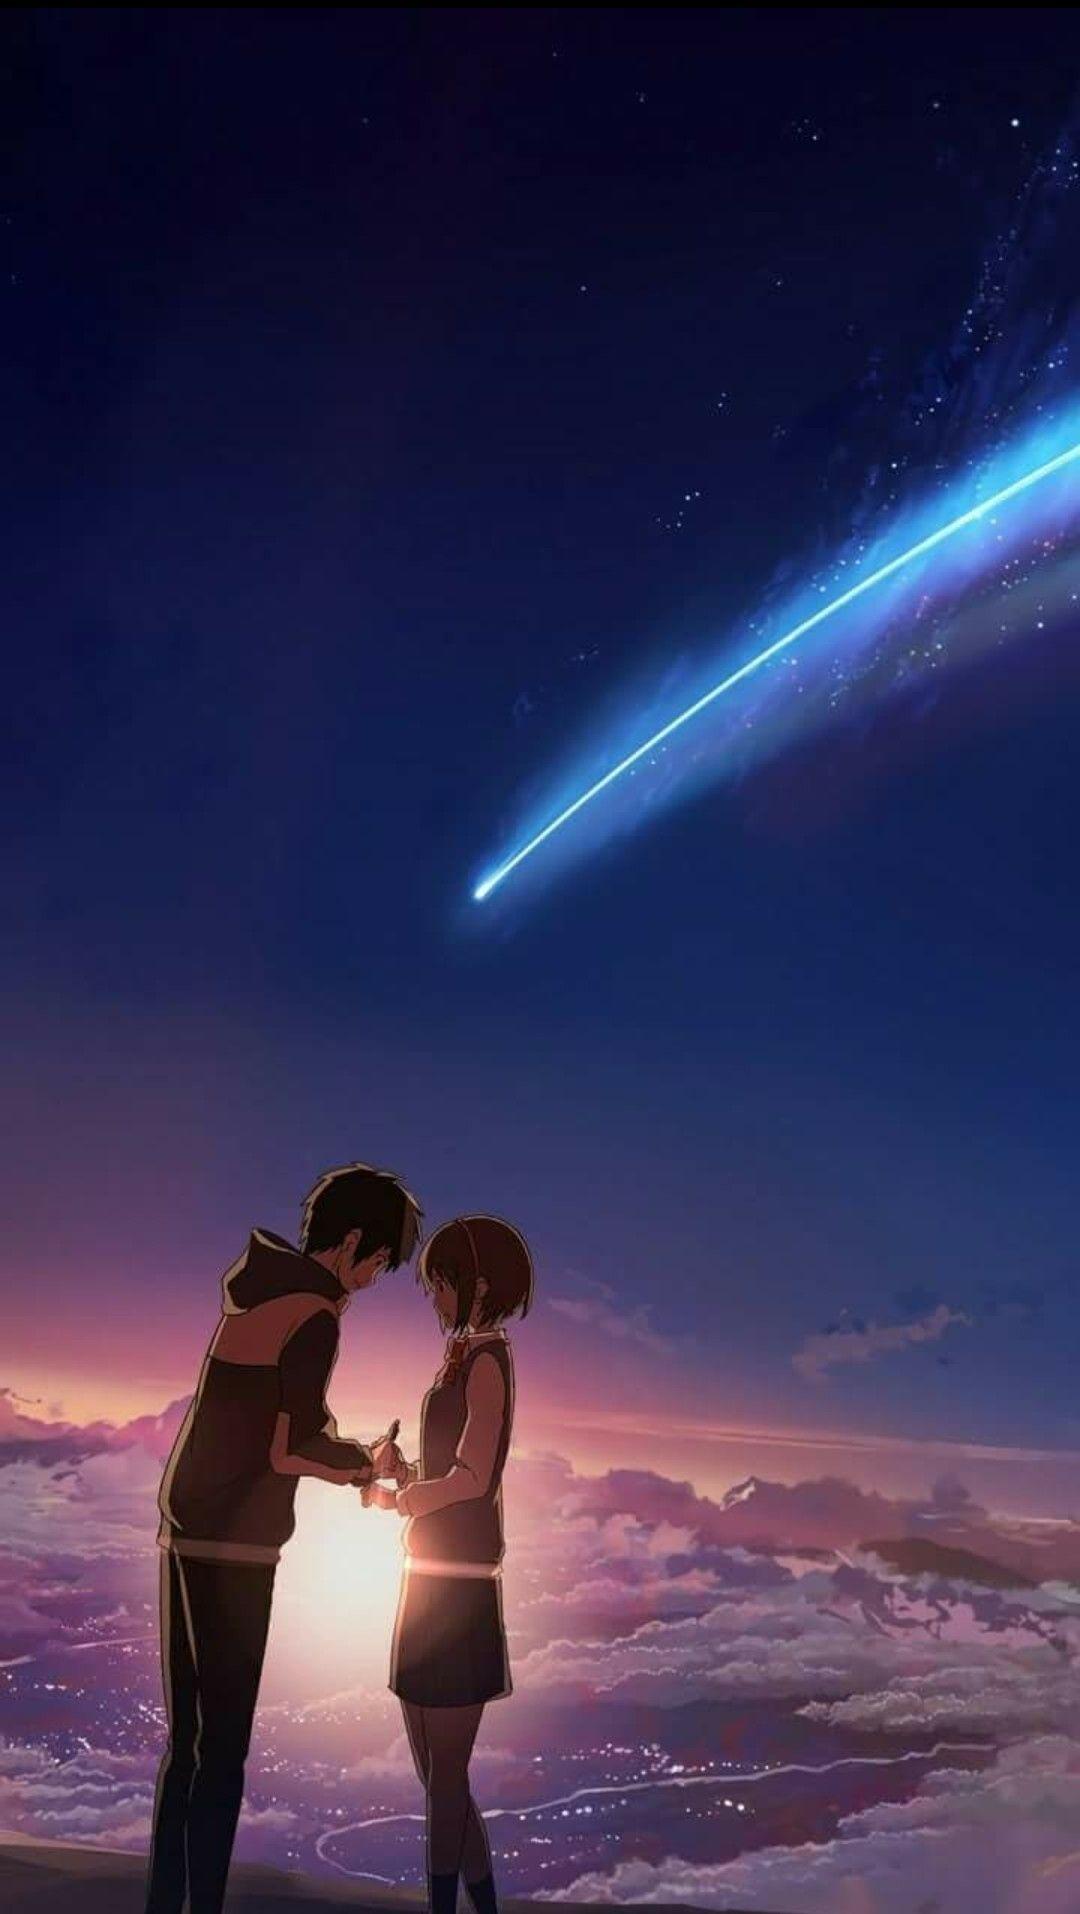 Kimi no na wa(Your name) (con imágenes) Películas de anime